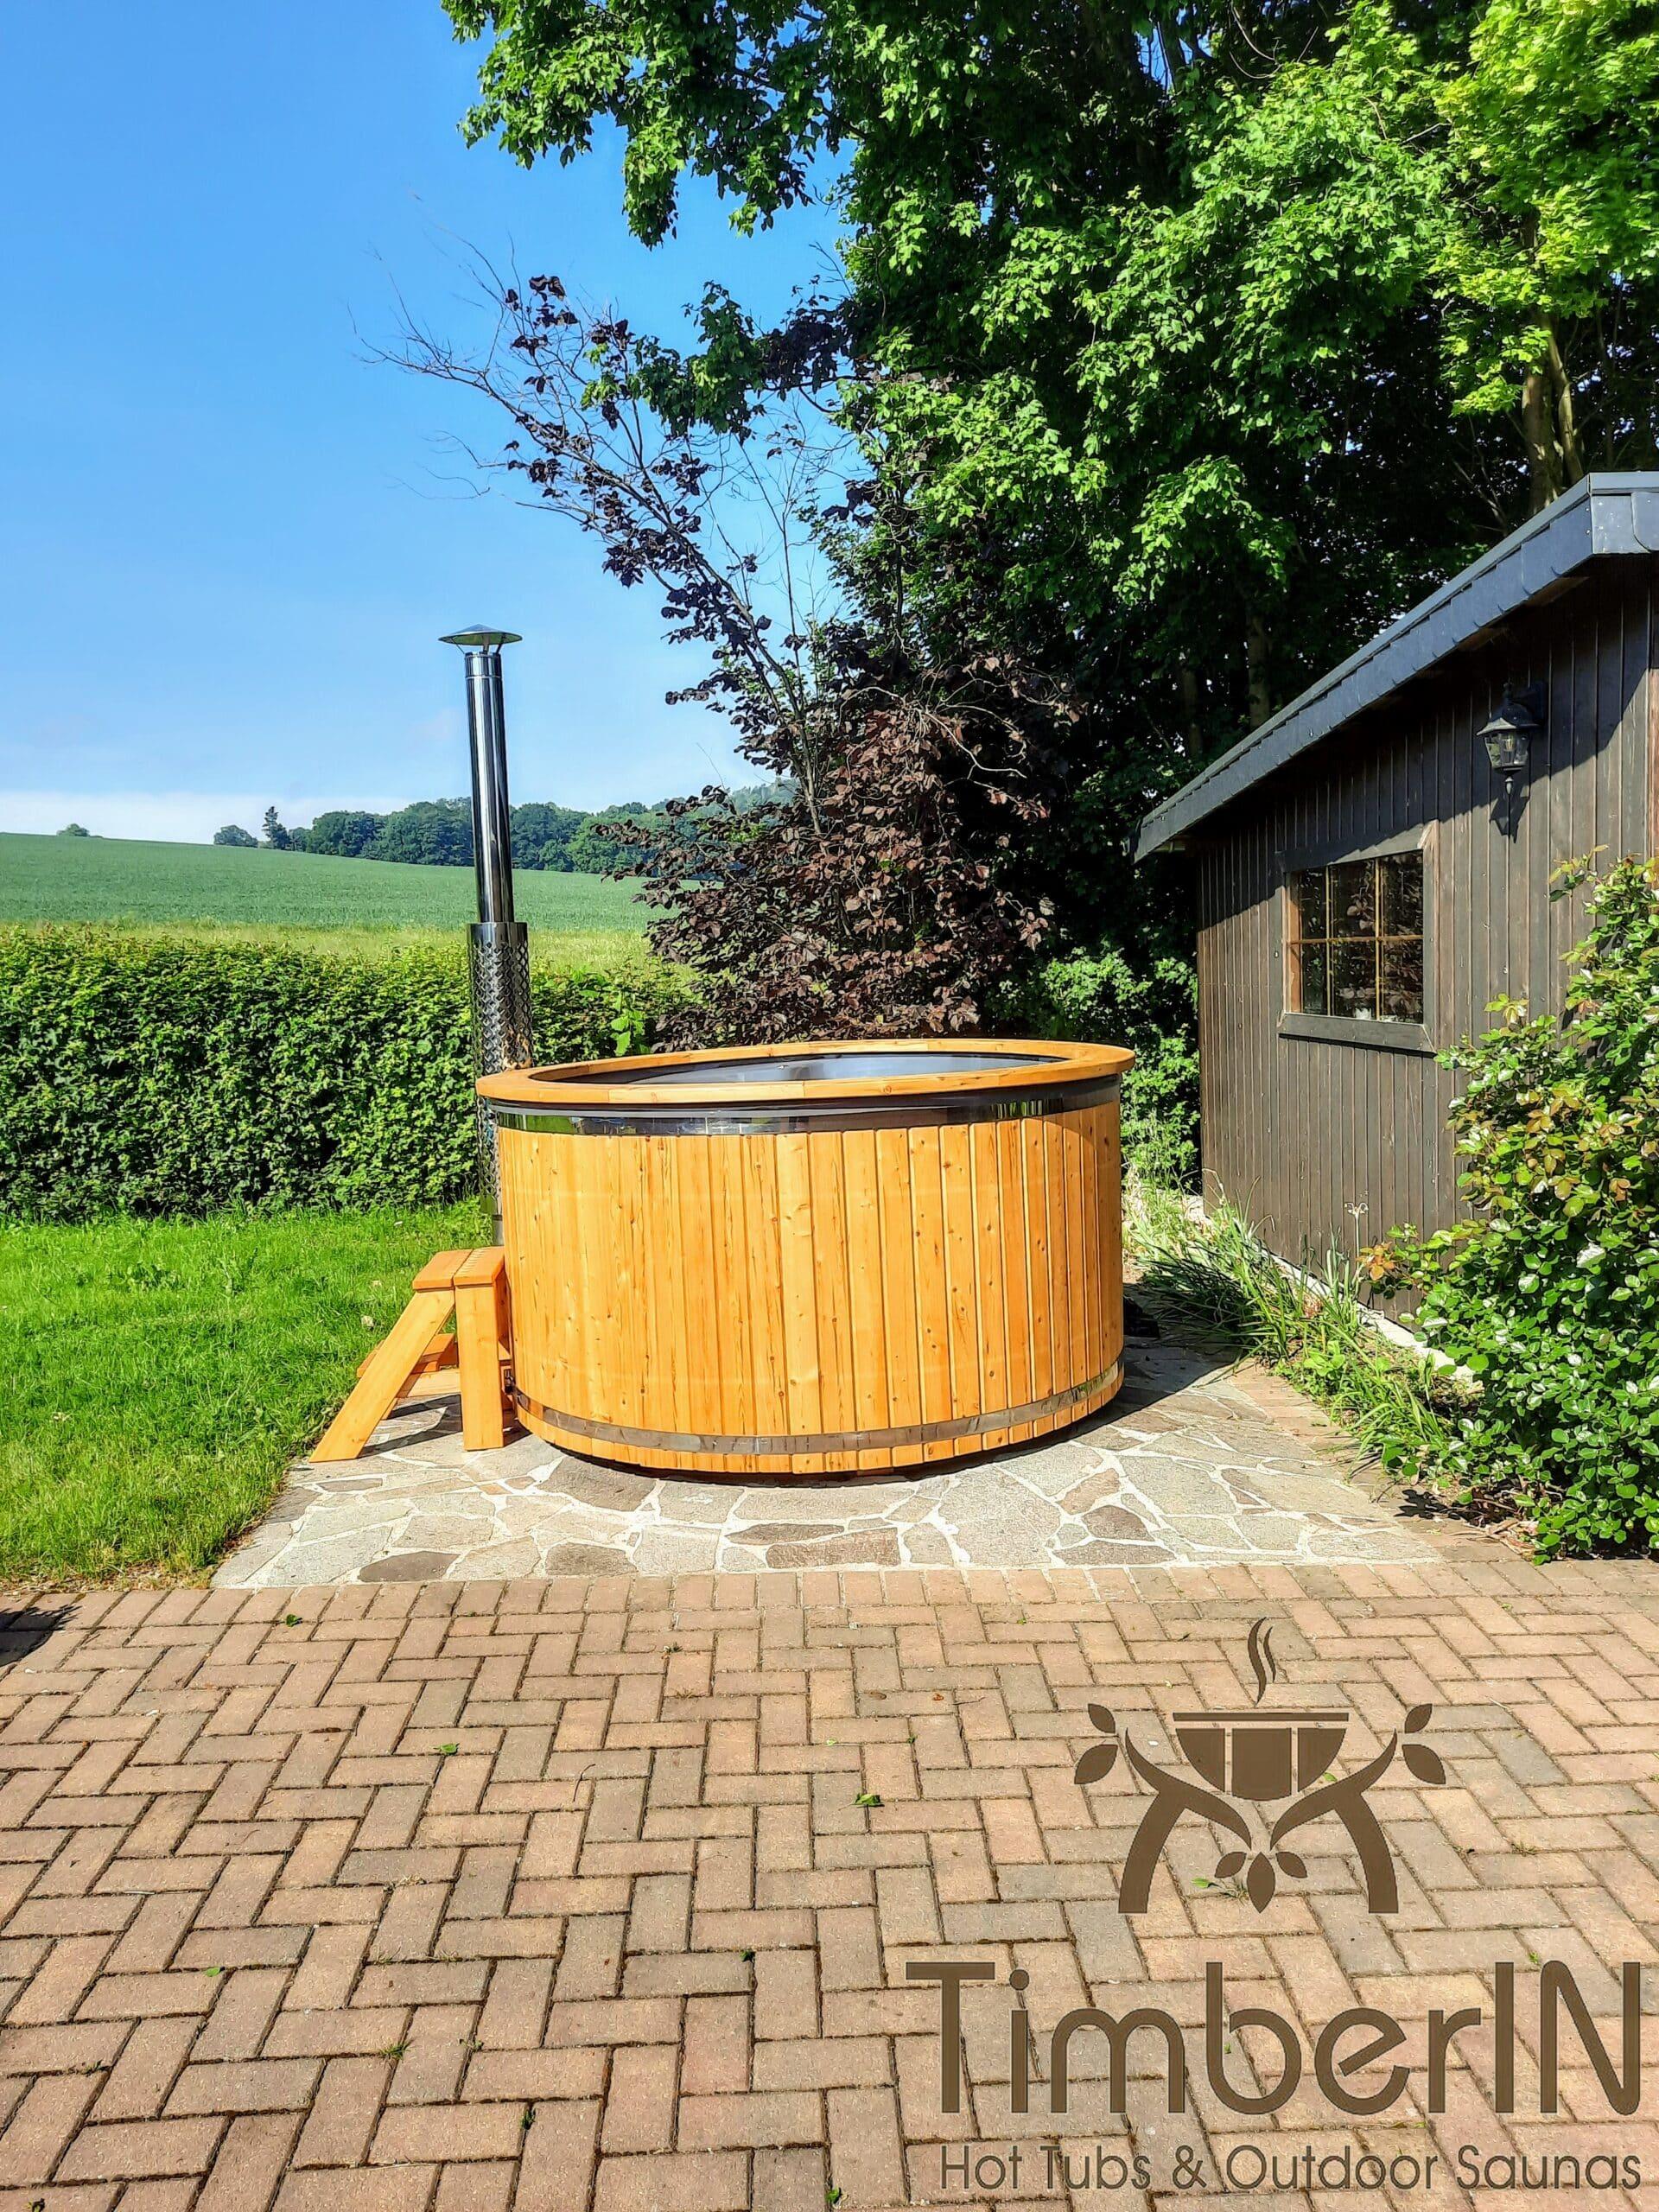 Hot Tub Pot Badefass mit Sprudel Massageduesen 1 scaled